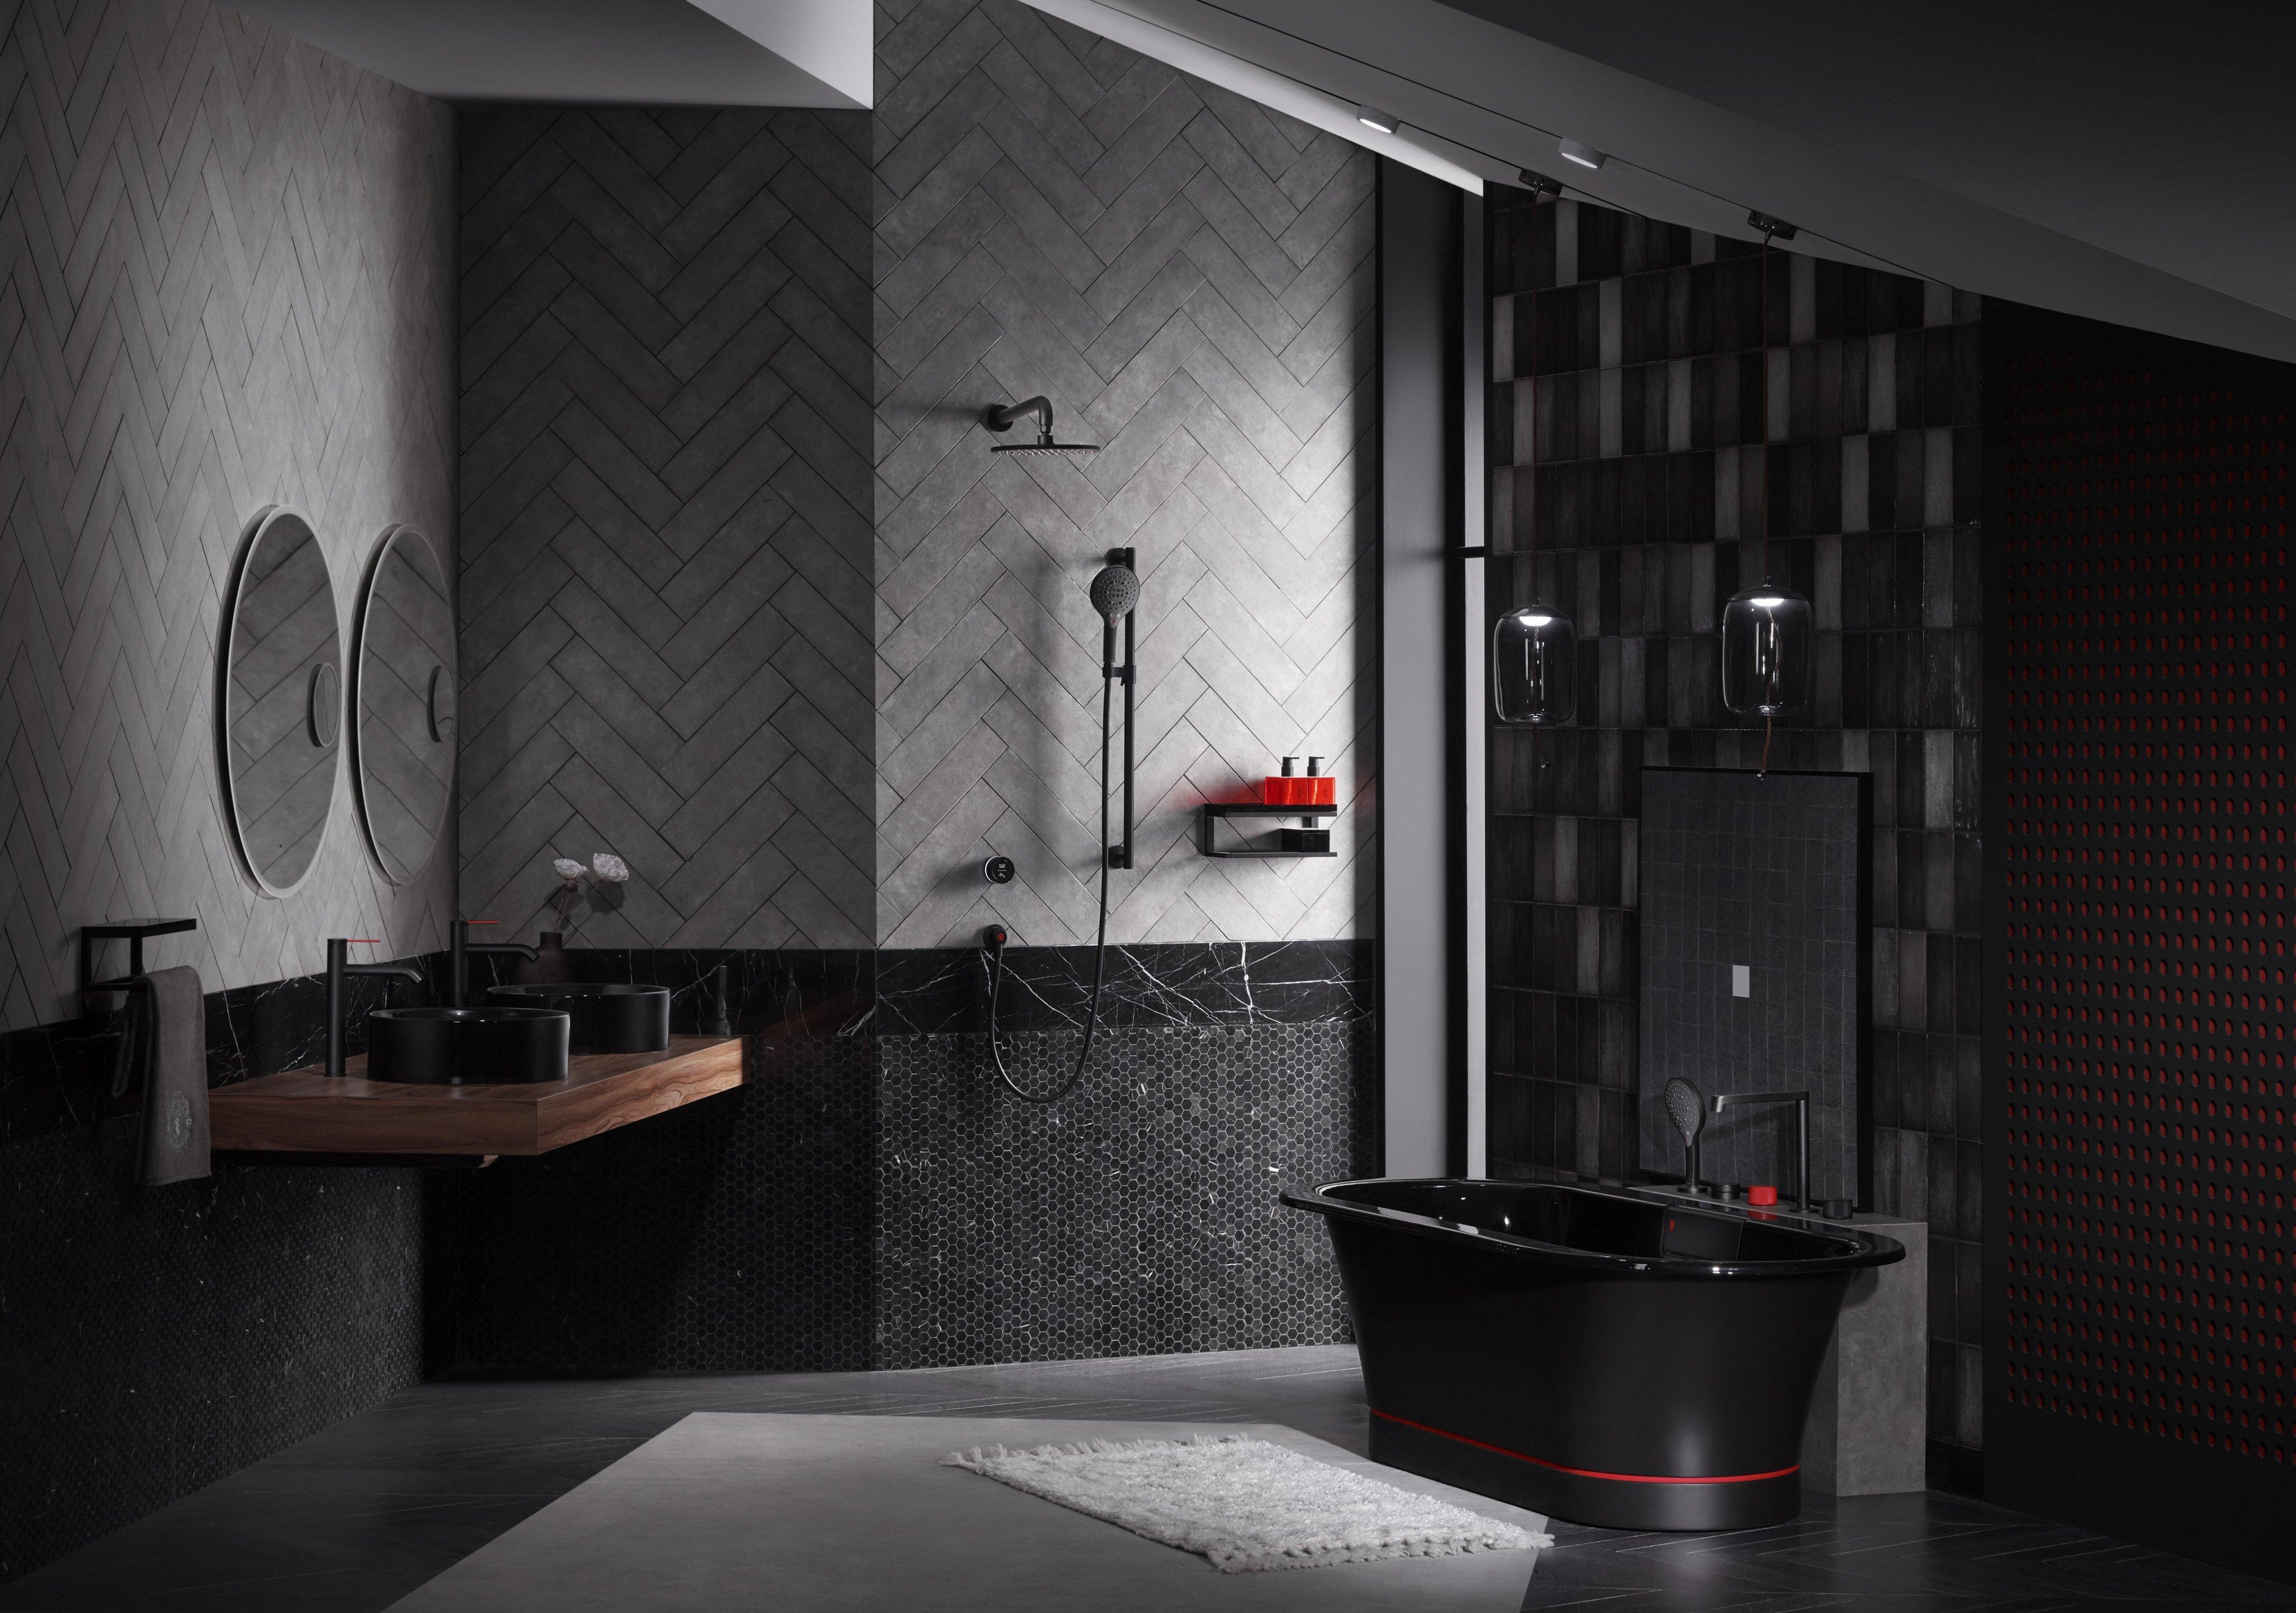 Thiết kế không gian phòng tắm với những mảng màu tối và nổi bật